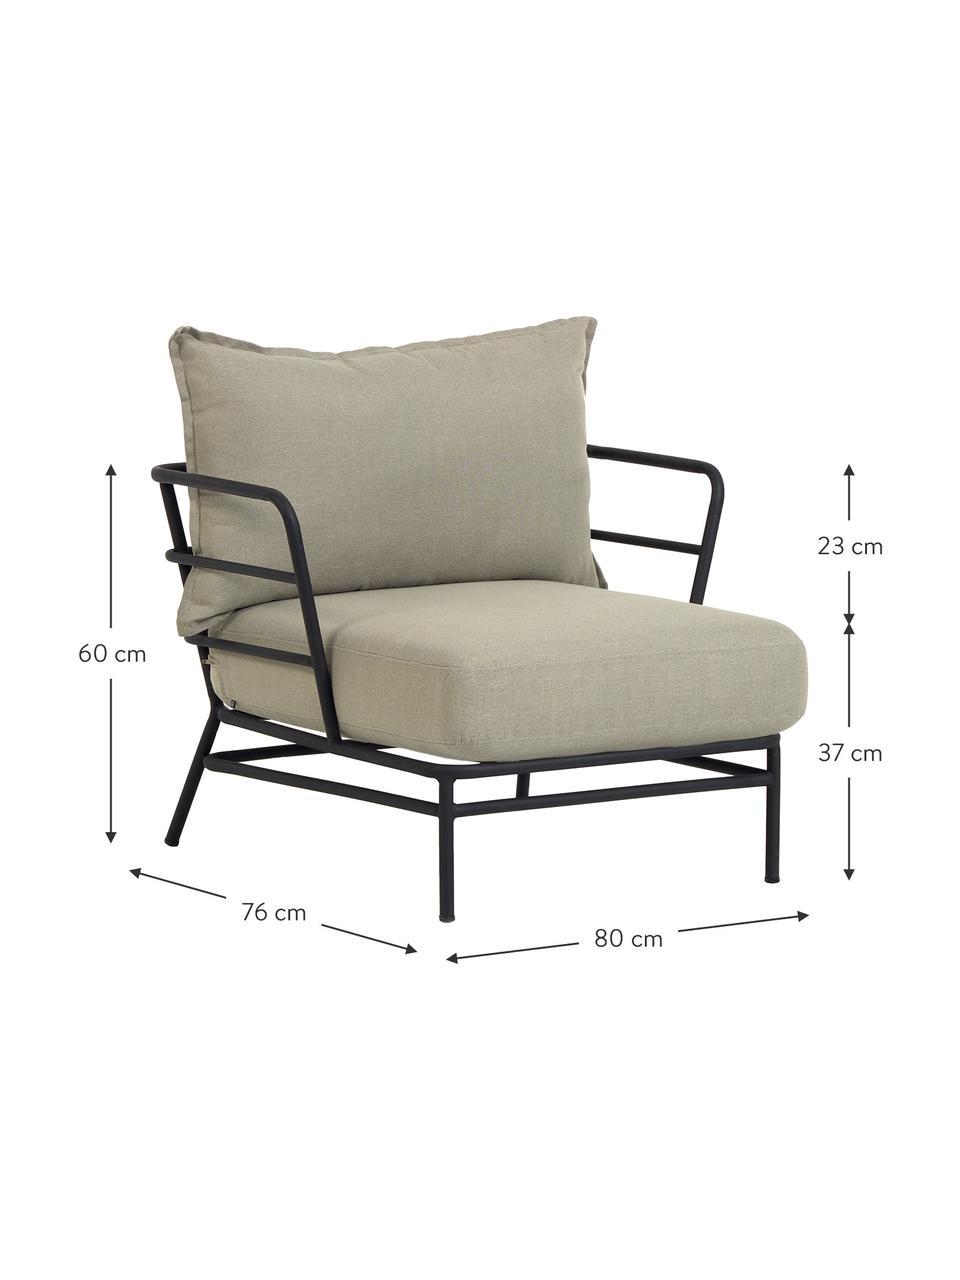 Fotel ogrodowy Mareluz, Stelaż: metal ocynkowany i lakier, Beżowy, S 80 x G 76 cm